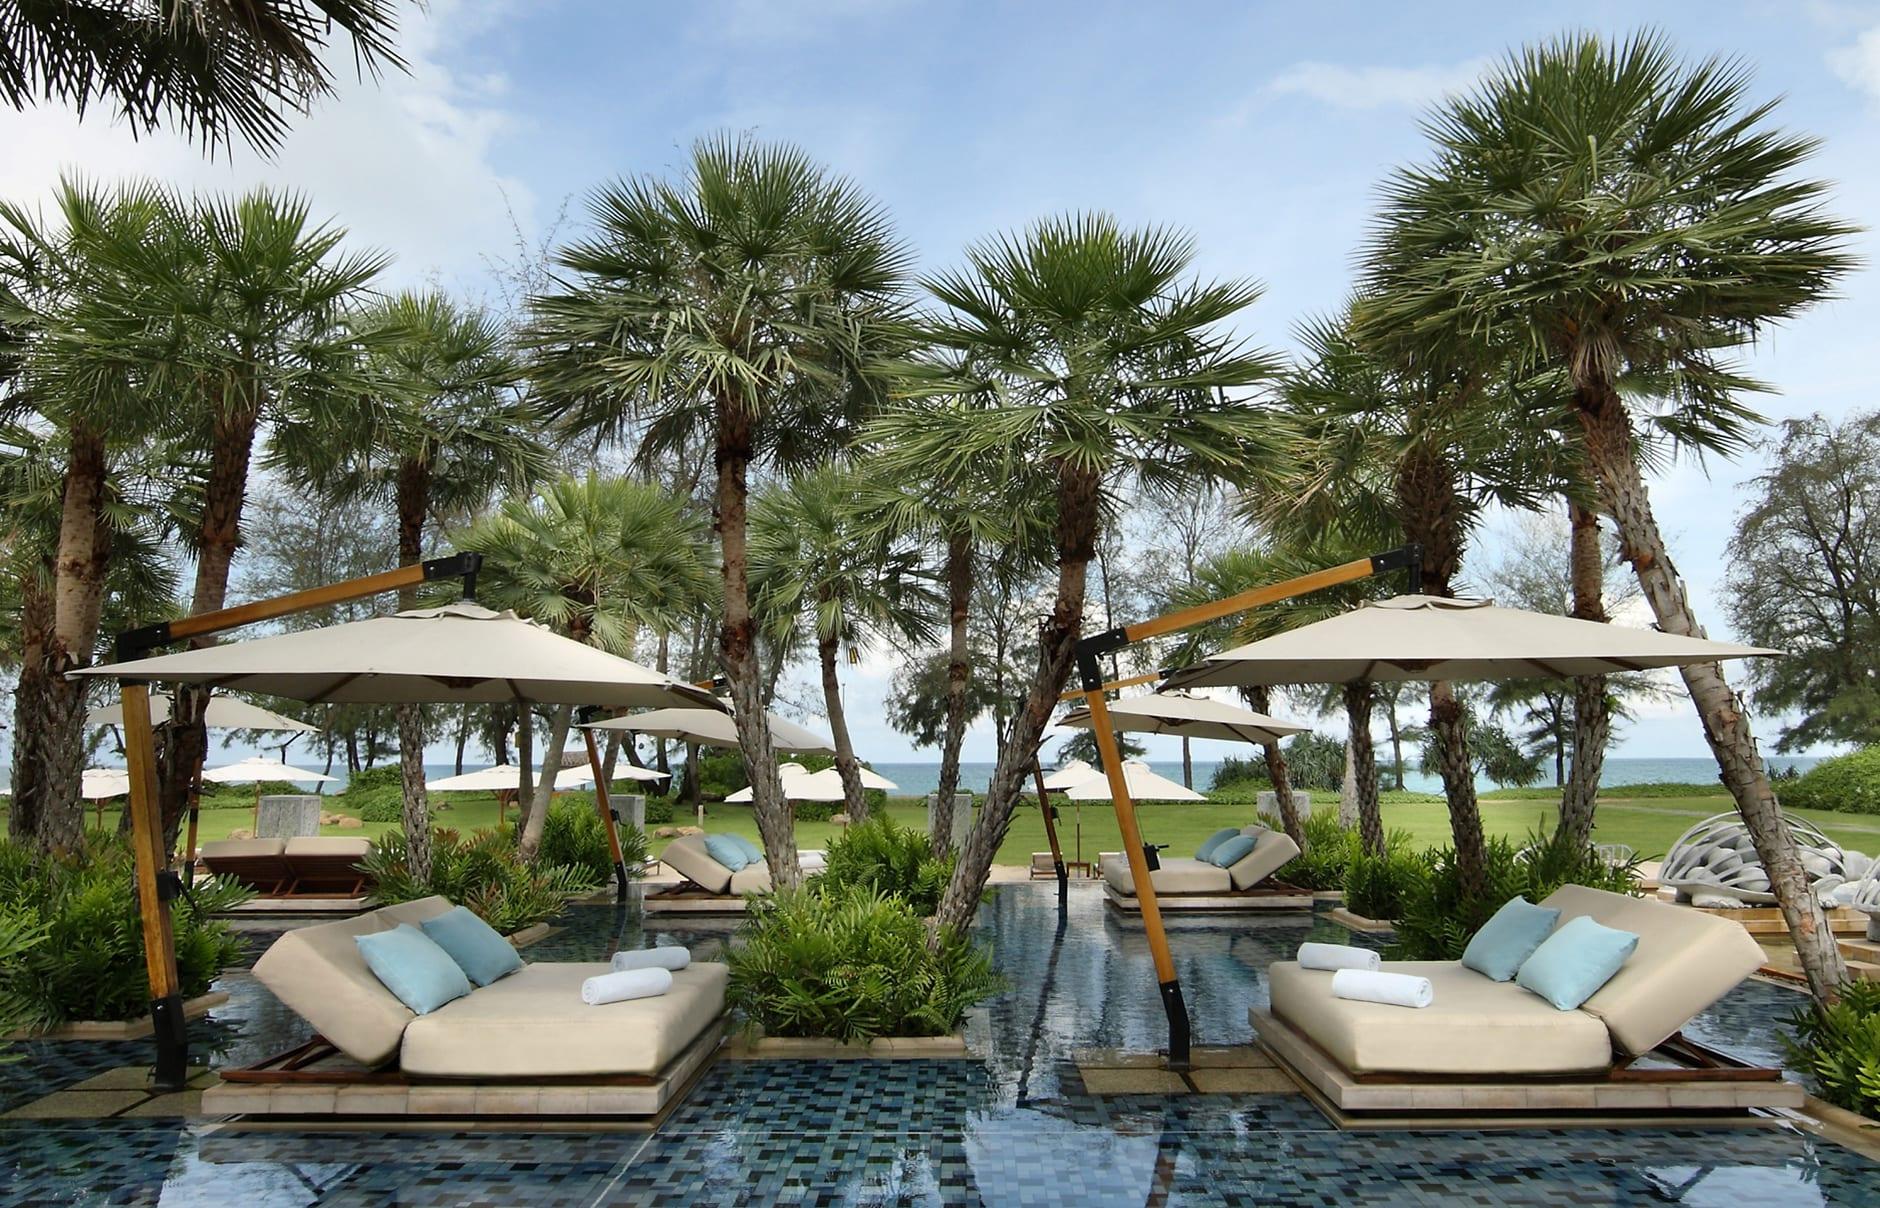 Swimming Pool. Anantara Phuket Villas, Thailand. © Anantara Hotels, Resorts & Spa